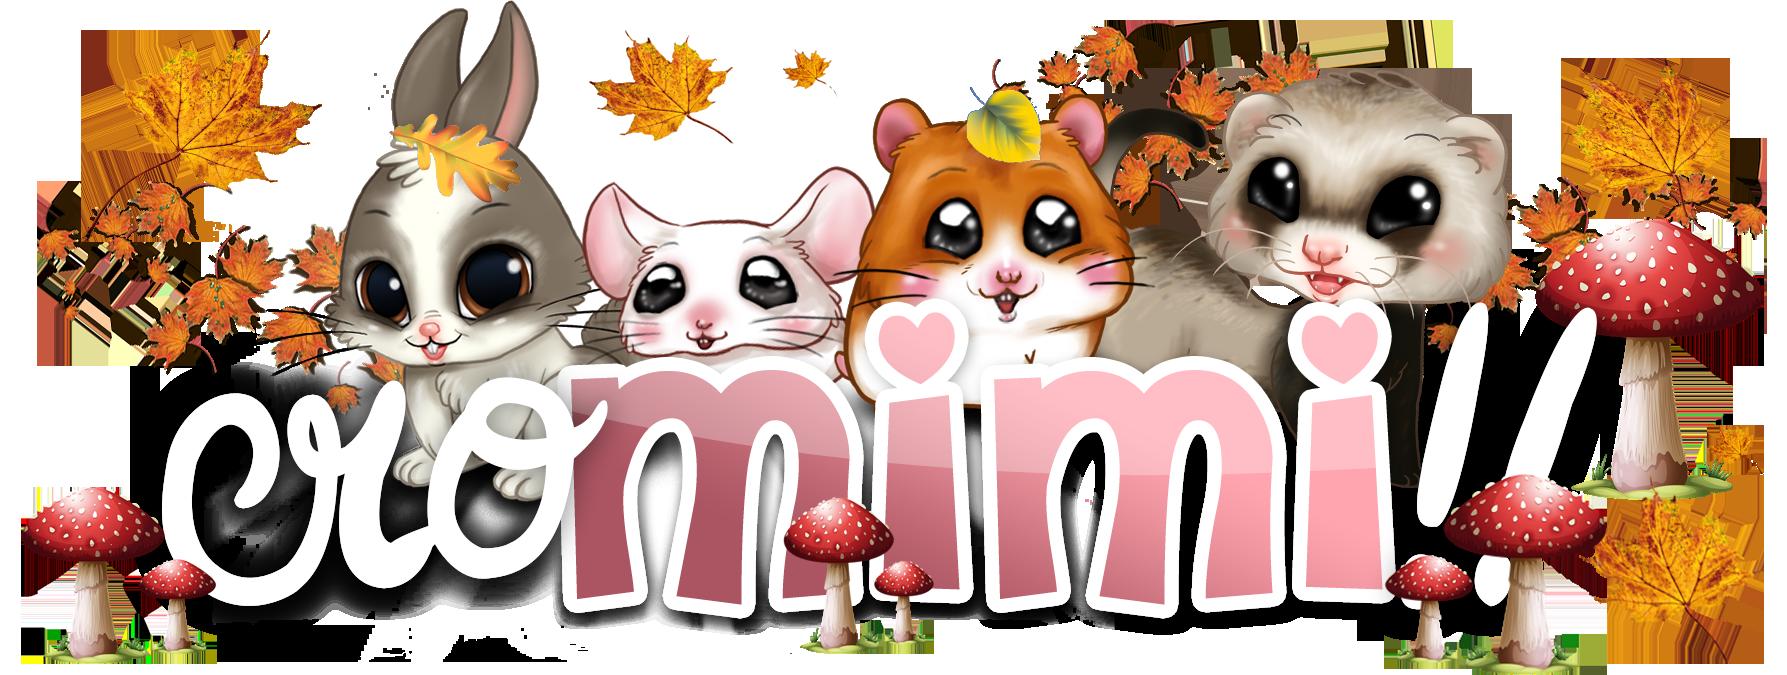 Cromimi - Primeira Criação Virtual de Roedores Jogo grátis